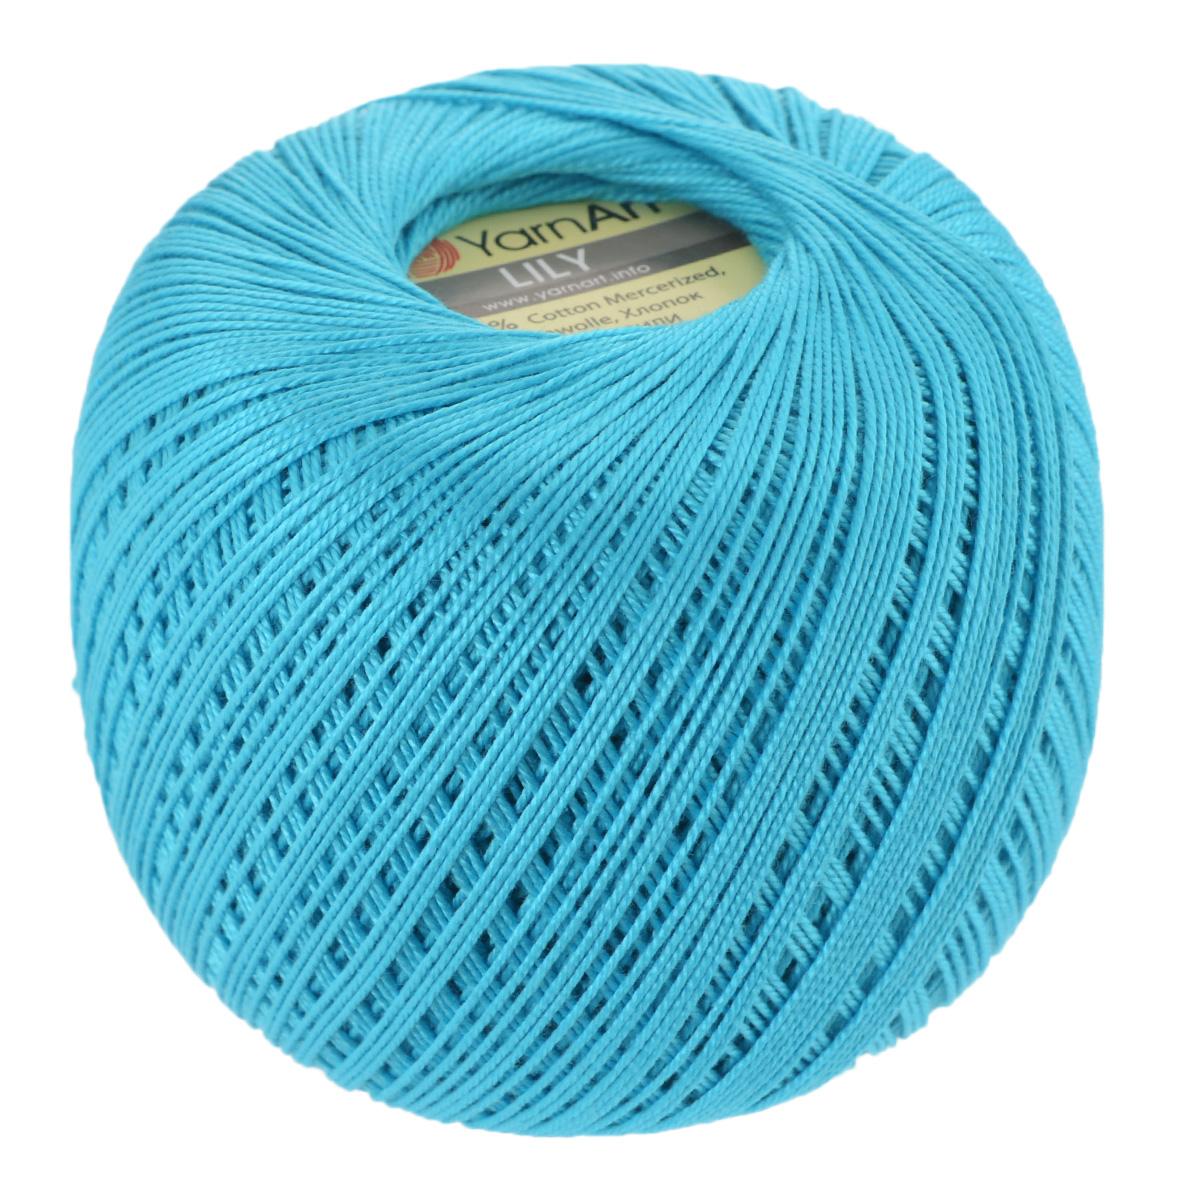 Пряжа для вязания YarnArt Lily, цвет: бирюзовый (0008), 225 м, 50 г, 8 шт372073_0008Пряжа YarnArt Lily - тонкая, гладкая и упругая пряжа из 100% мерсеризованного хлопка для вязания крючком и спицами. Нить хорошо скручена и не расслаивается. Это классическая пряжа, которая пользуется большой популярностью. Отлично подходит для вязания ажурных изделий. Замечательный вариант для вязания в технике ирландского кружева. Рекомендуется для вязания крючком 1,75-2 мм и на спицах 2,5 мм. Комплектация: 8 мотков. Толщина нити: 1 мм. Состав: 100% мерсеризованный хлопок.